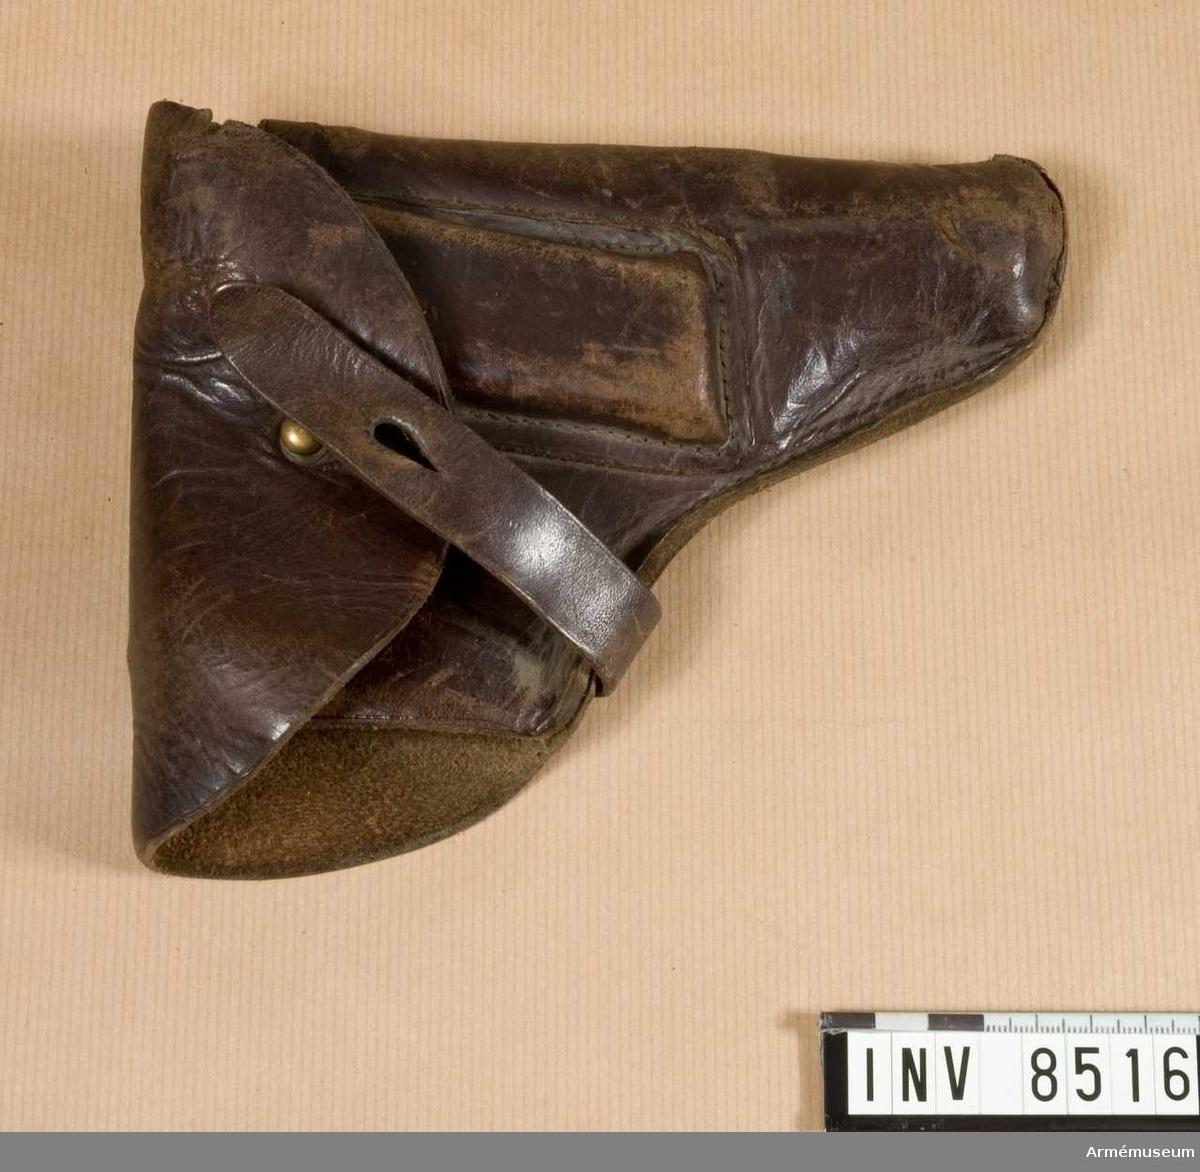 Pistolfodral av läder till halvautomatisk pistol modell HSc, Mauser, Tyskland. Låsknapp av mässing.  Samhörande nr är 8515-6, pistol, fodral.